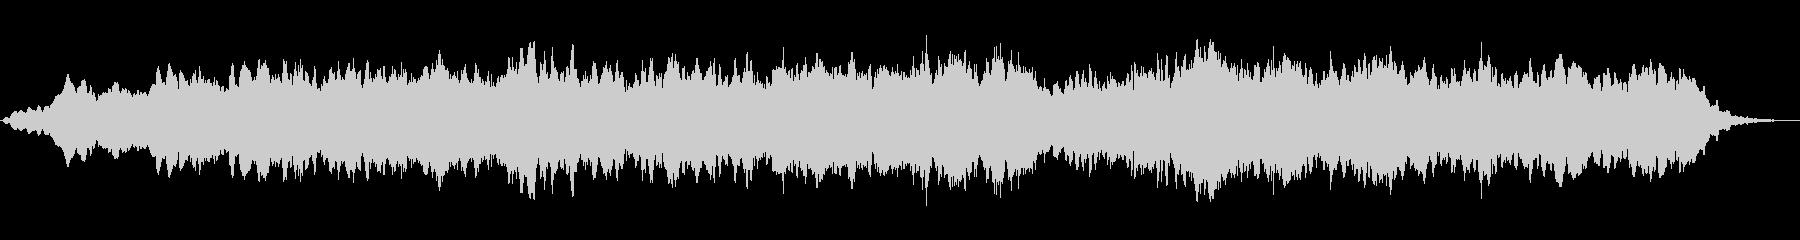 幻想的なリラクゼーションミュージックの未再生の波形